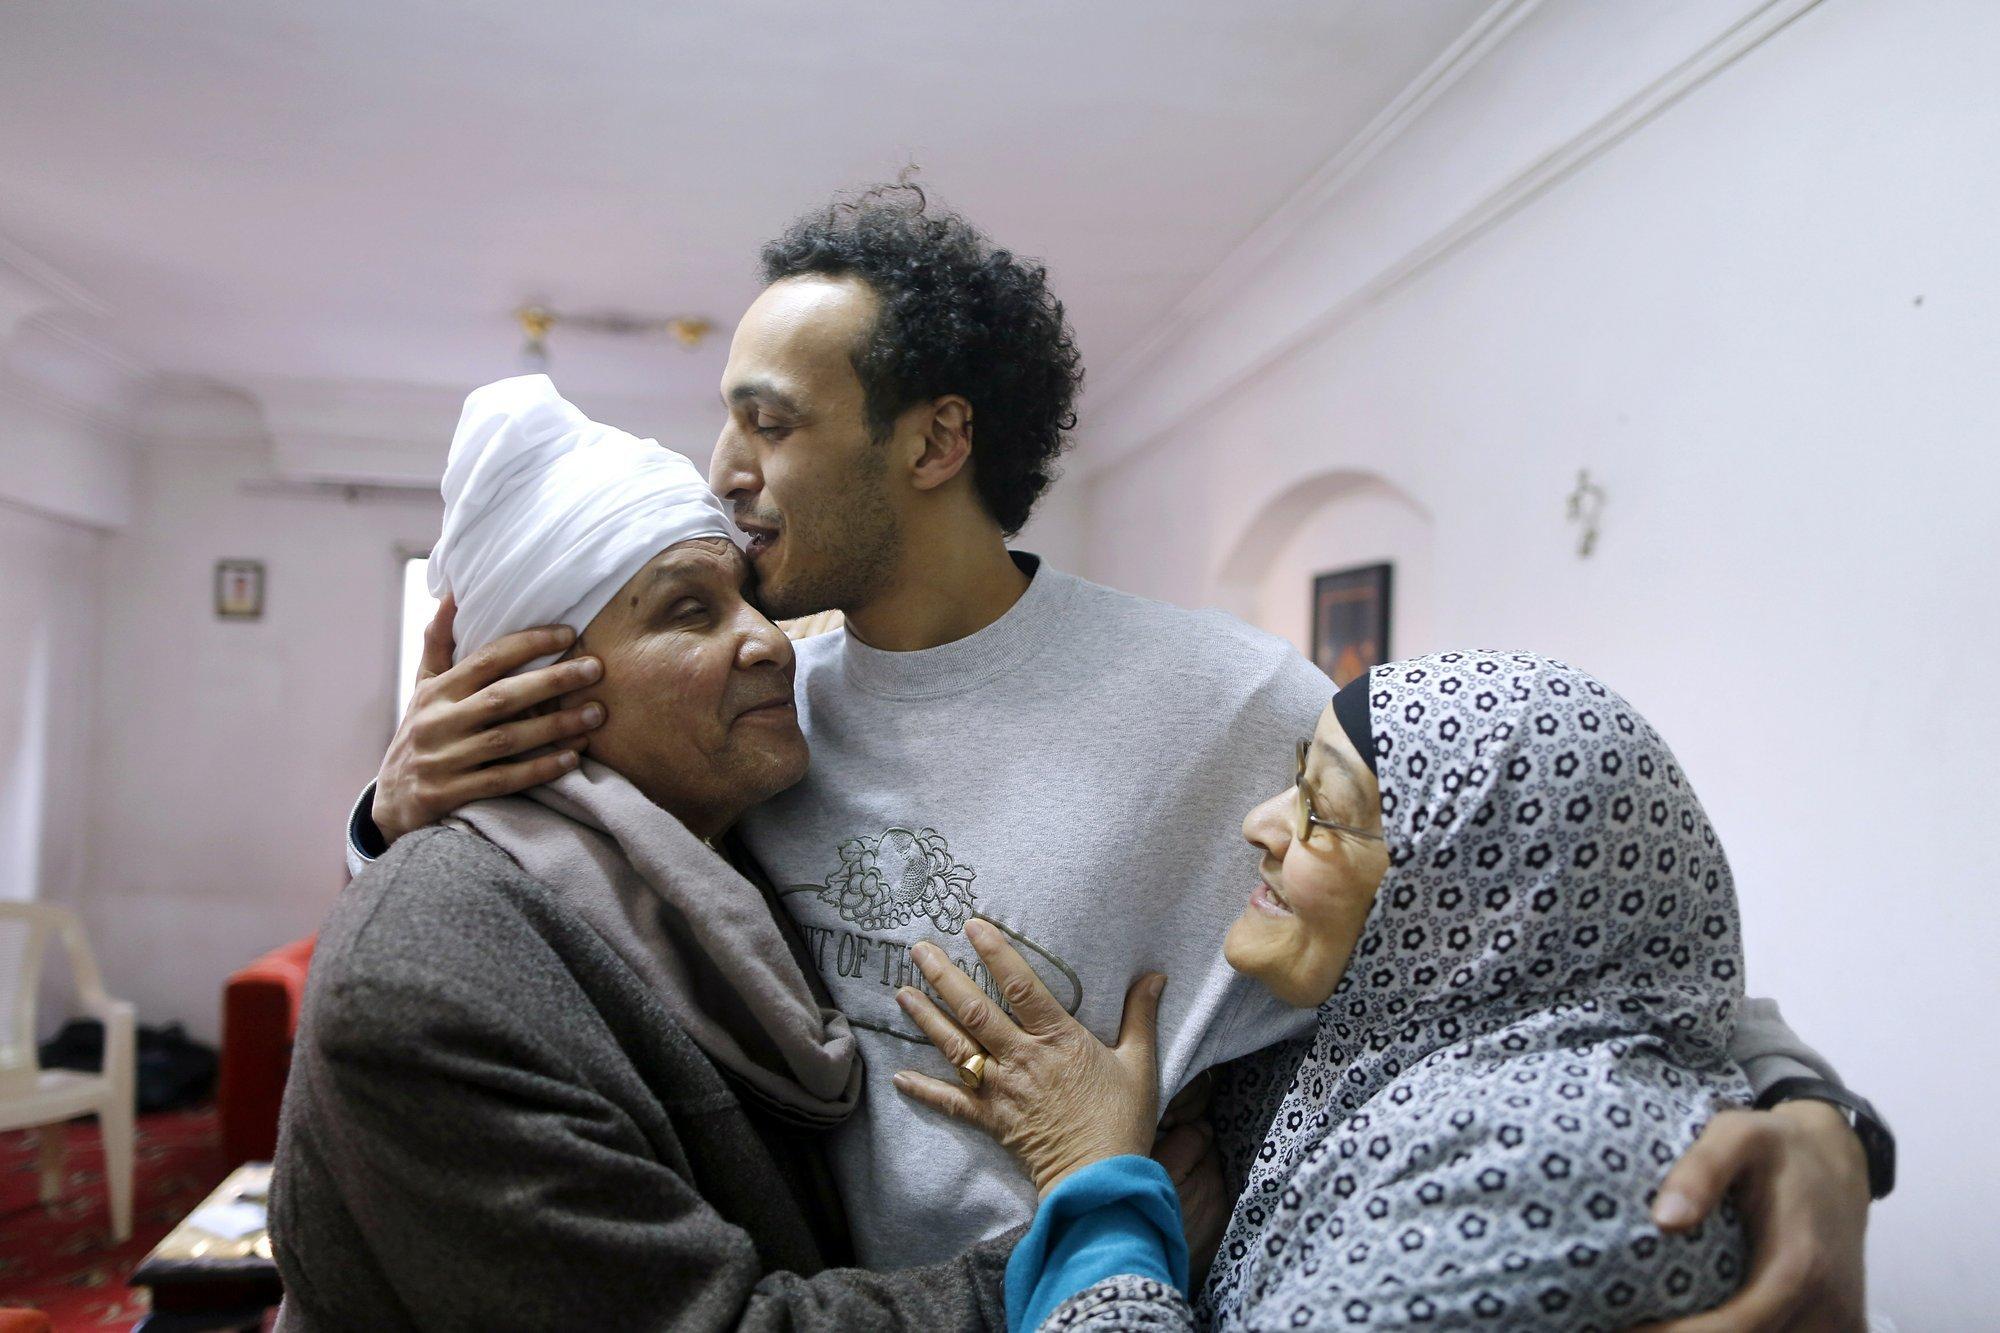 رہائی کے بعد پولیس اسٹیشن میں رپورٹ دی—فوٹو:اے پی